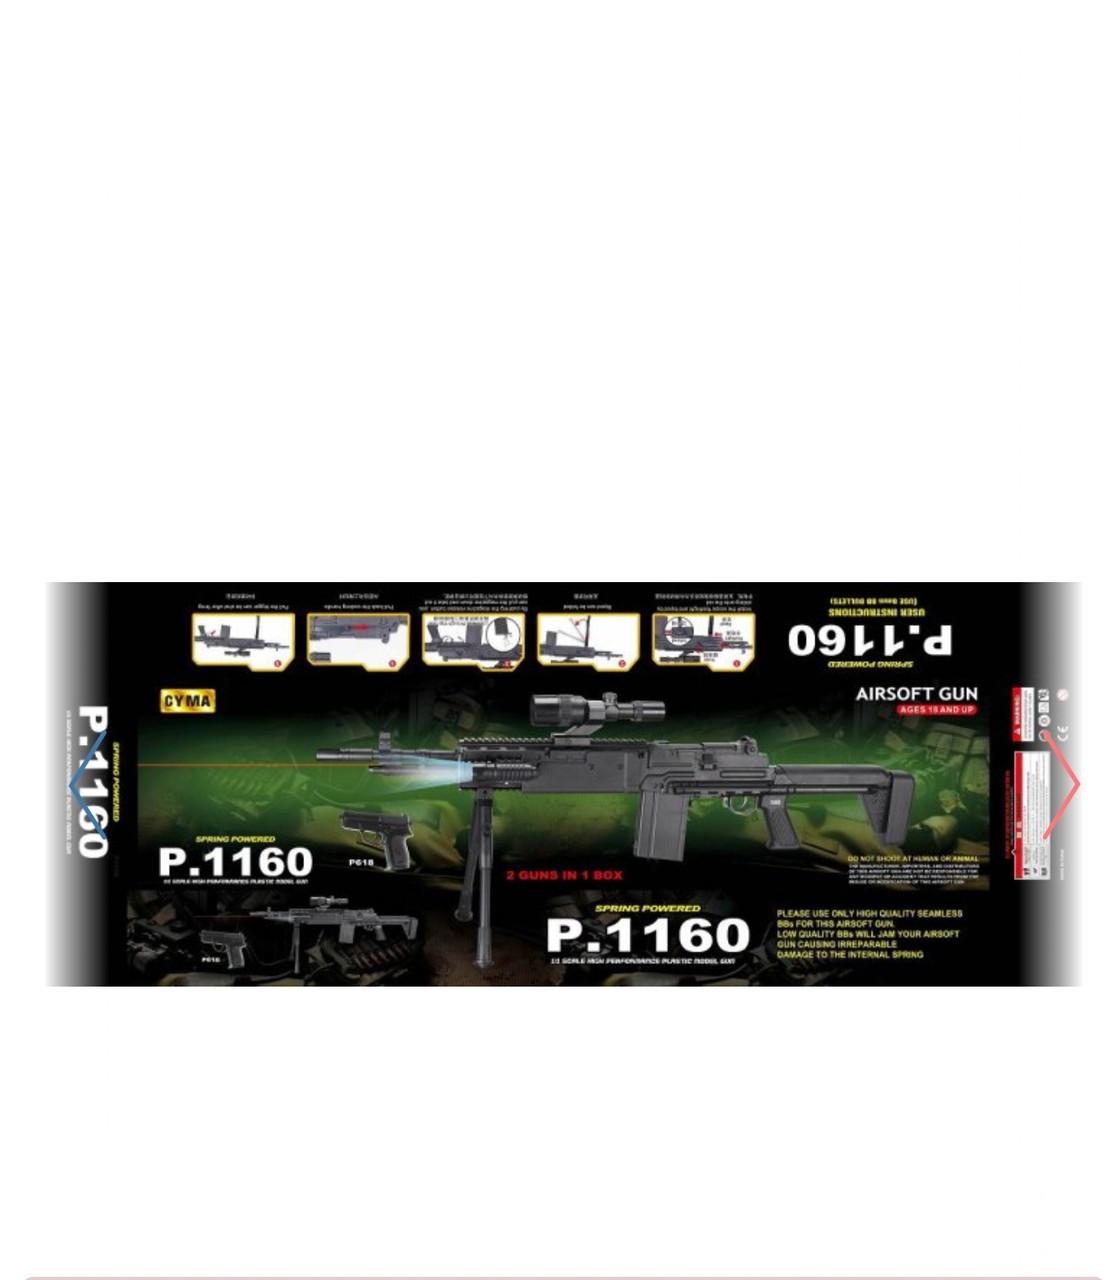 Детский Автомат Cyma P 1160 с пистолетом 2 в 1, сошки, лазер, фонарь, прицел, пистолет, детское оружие